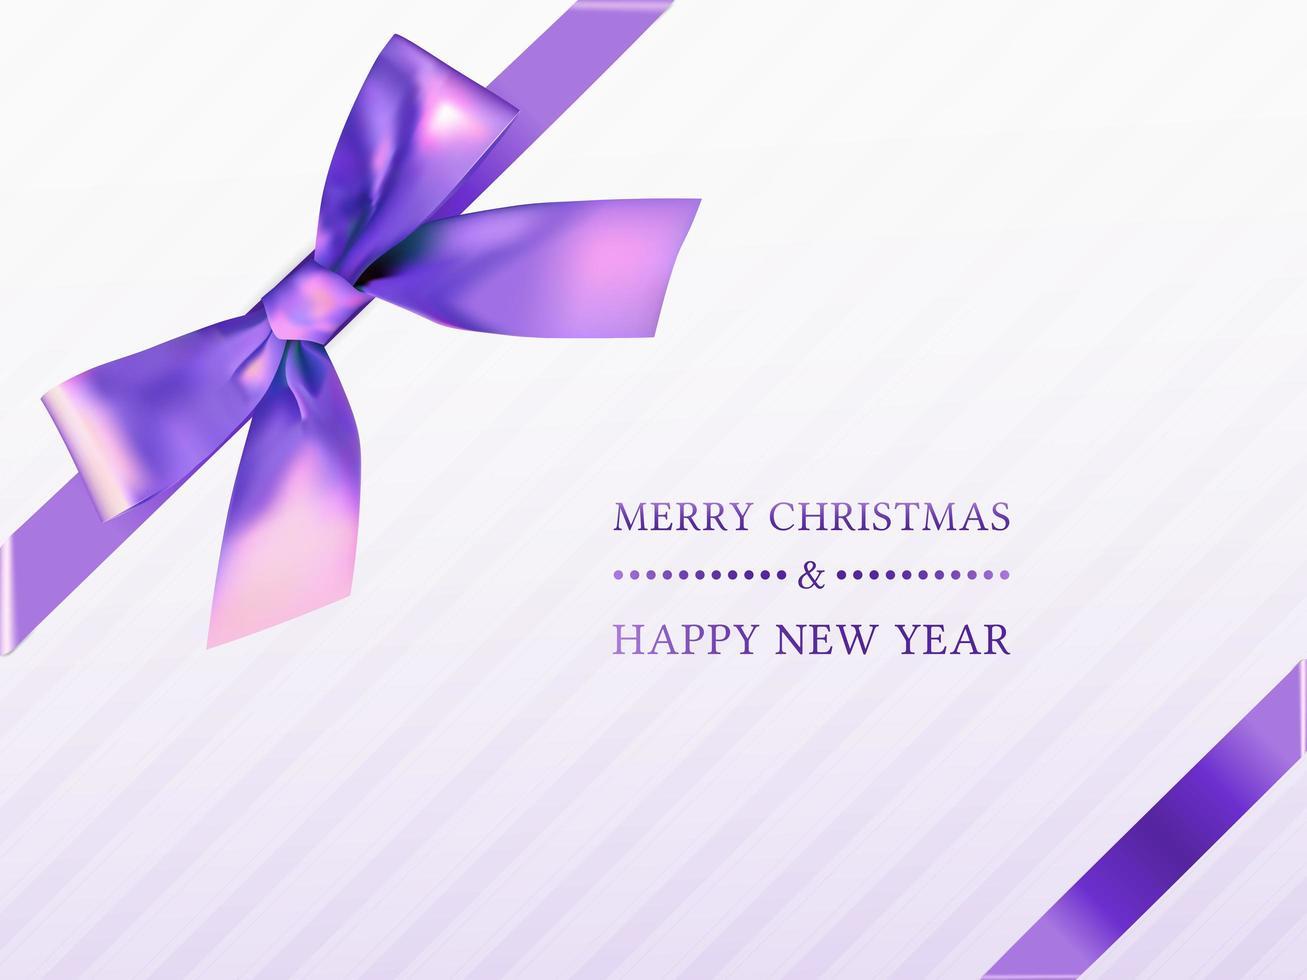 vue de dessus de boîte de cadeau de Noël avec ruban violet vecteur